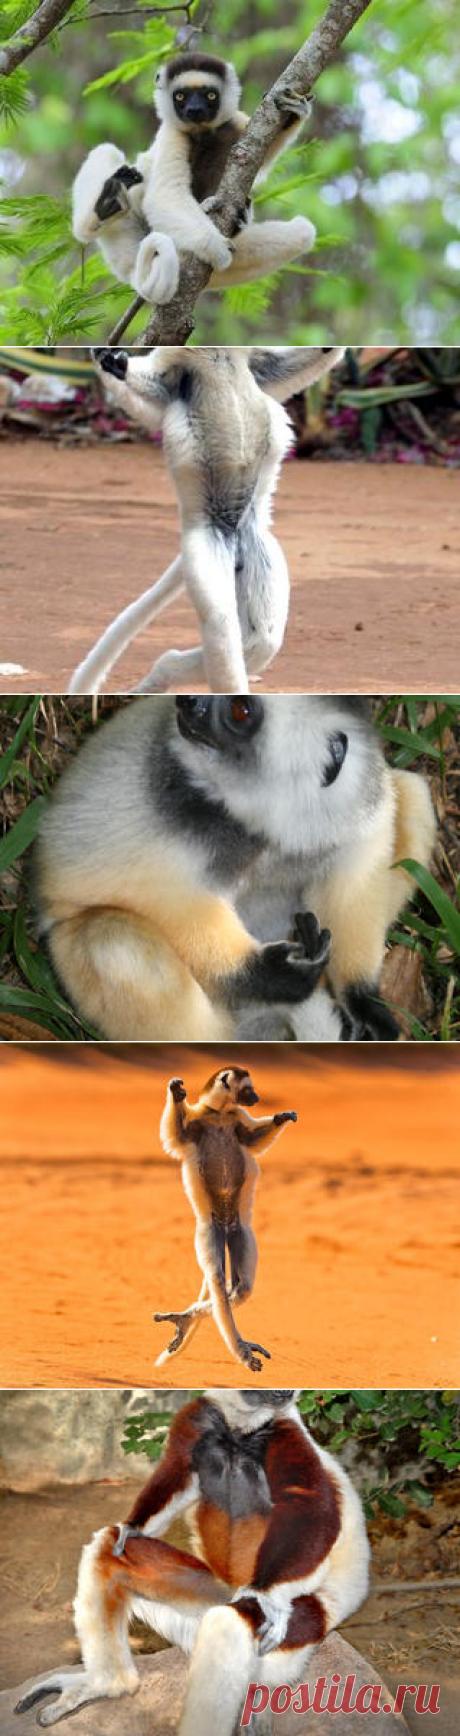 Смотреть изображения сифак | Зооляндия